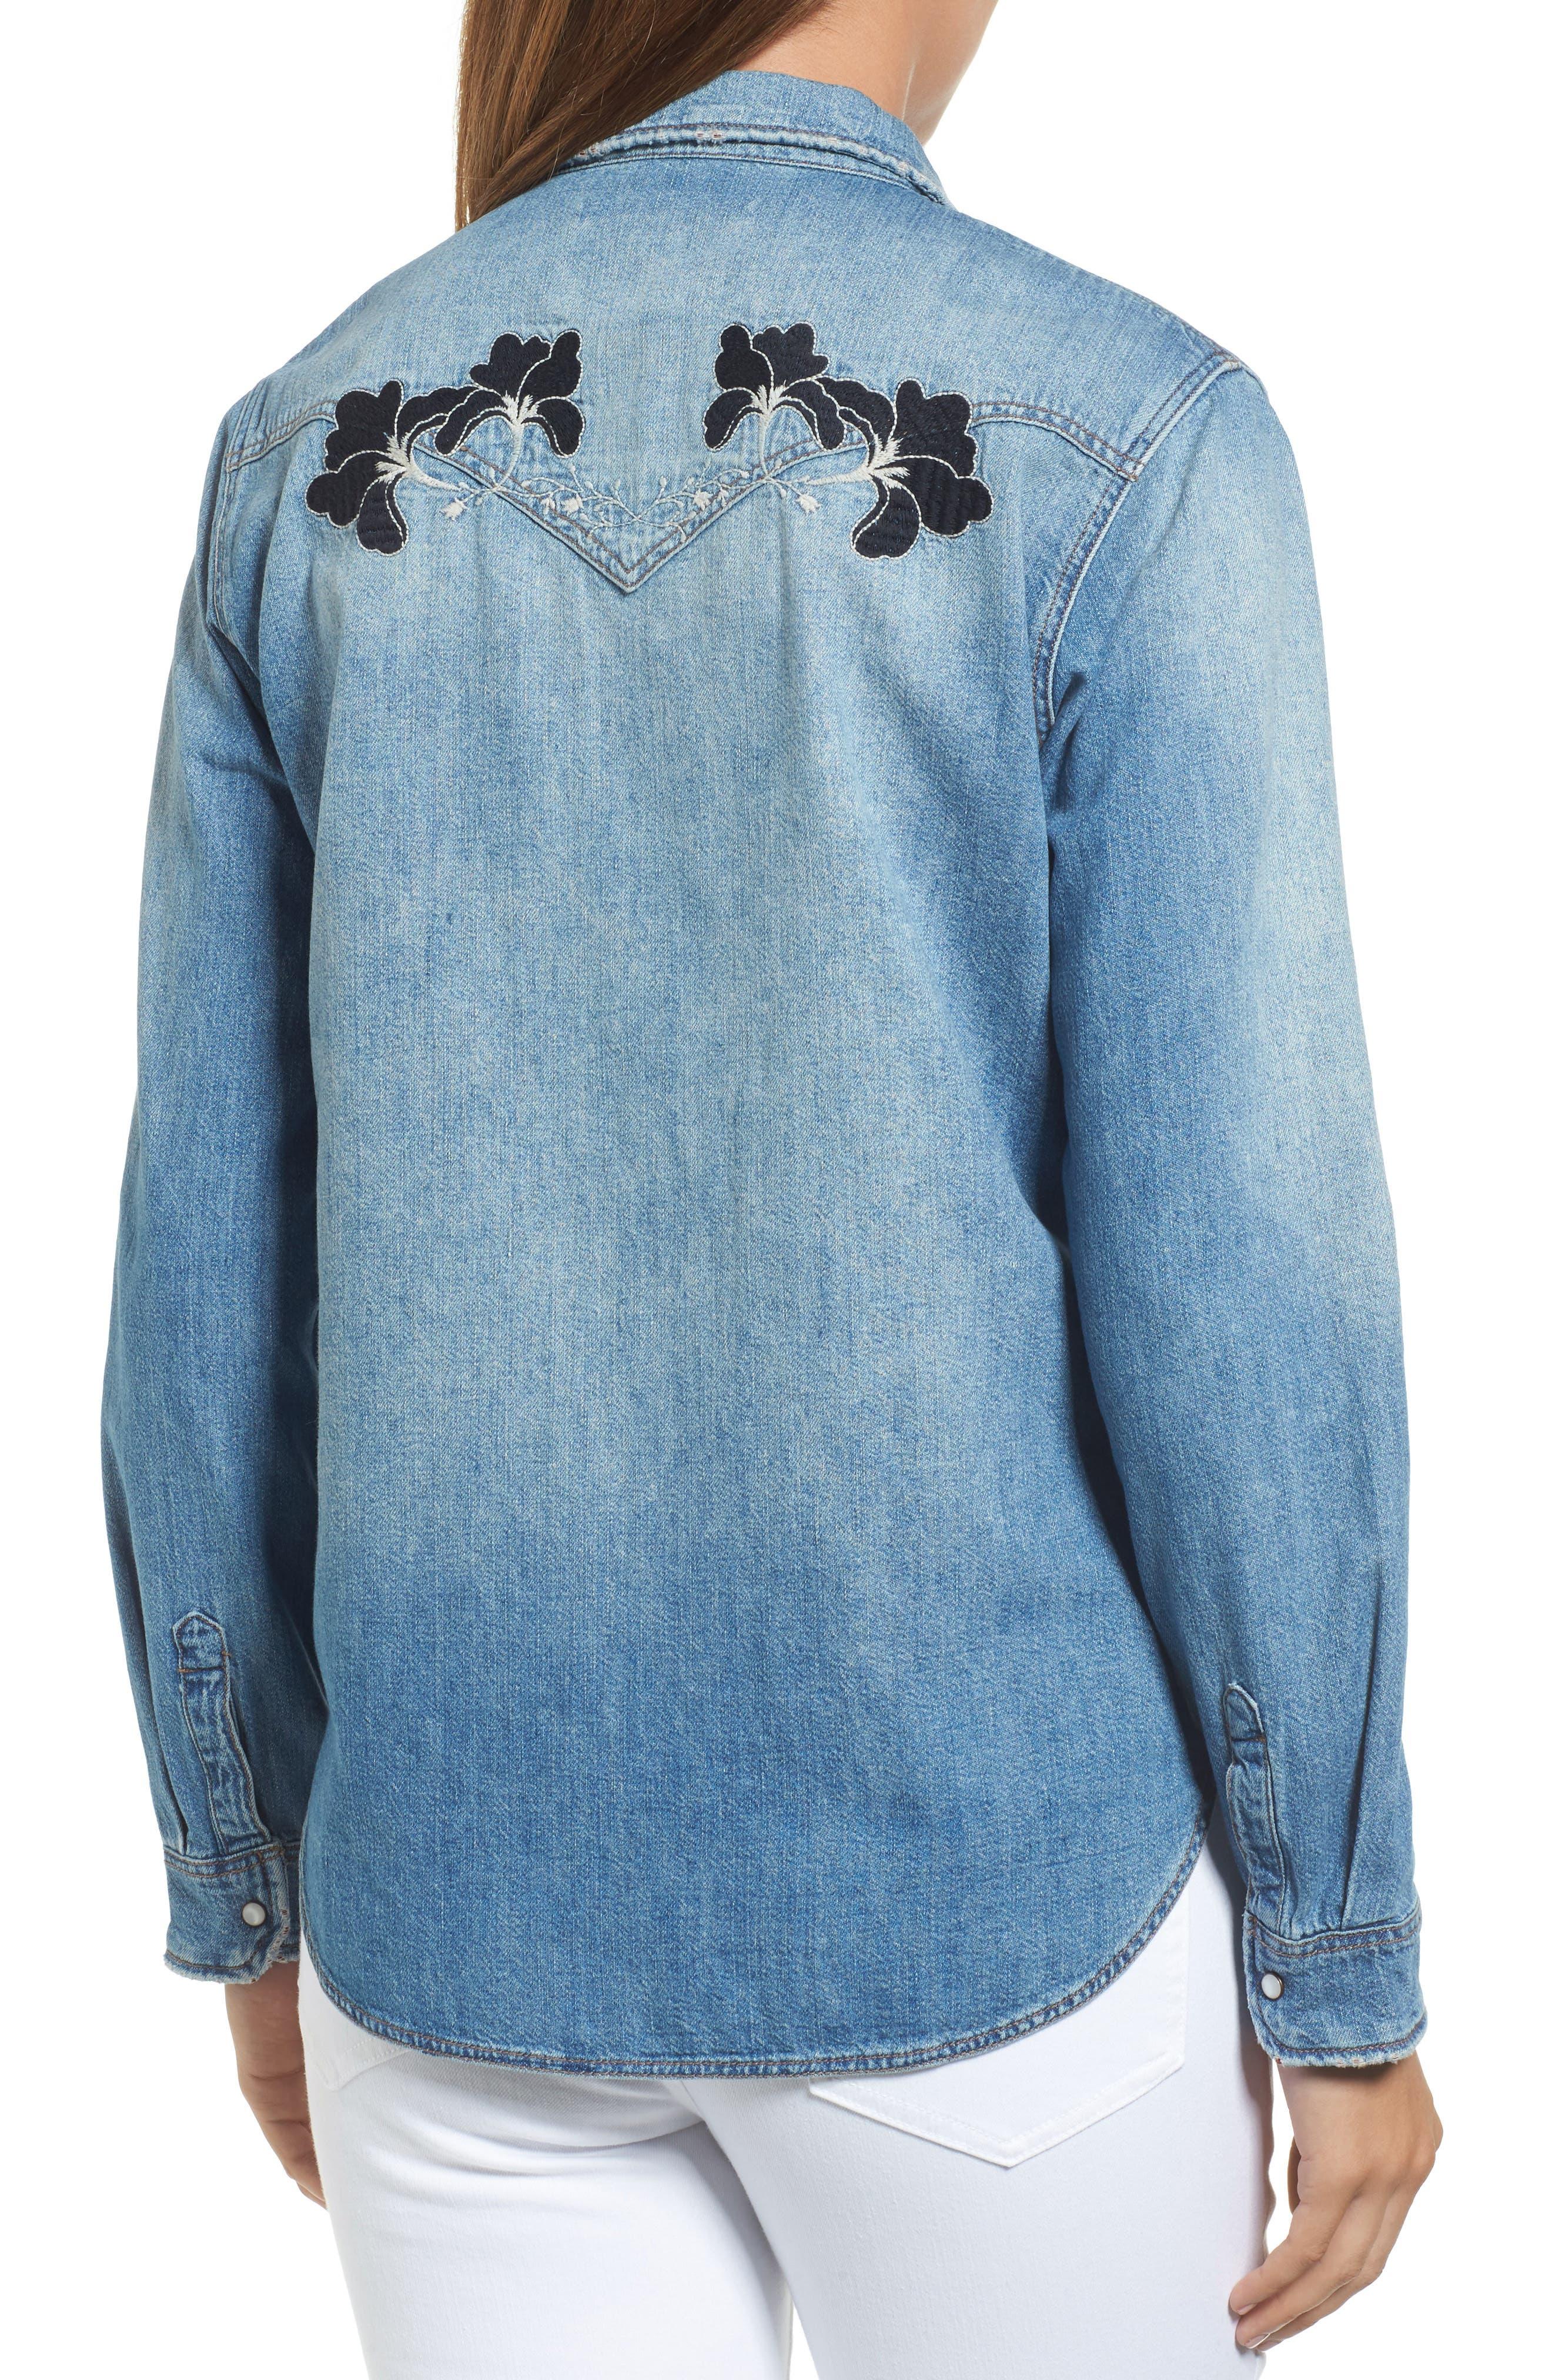 Vintage Rose Embroidered Denim Shirt,                             Alternate thumbnail 2, color,                             420